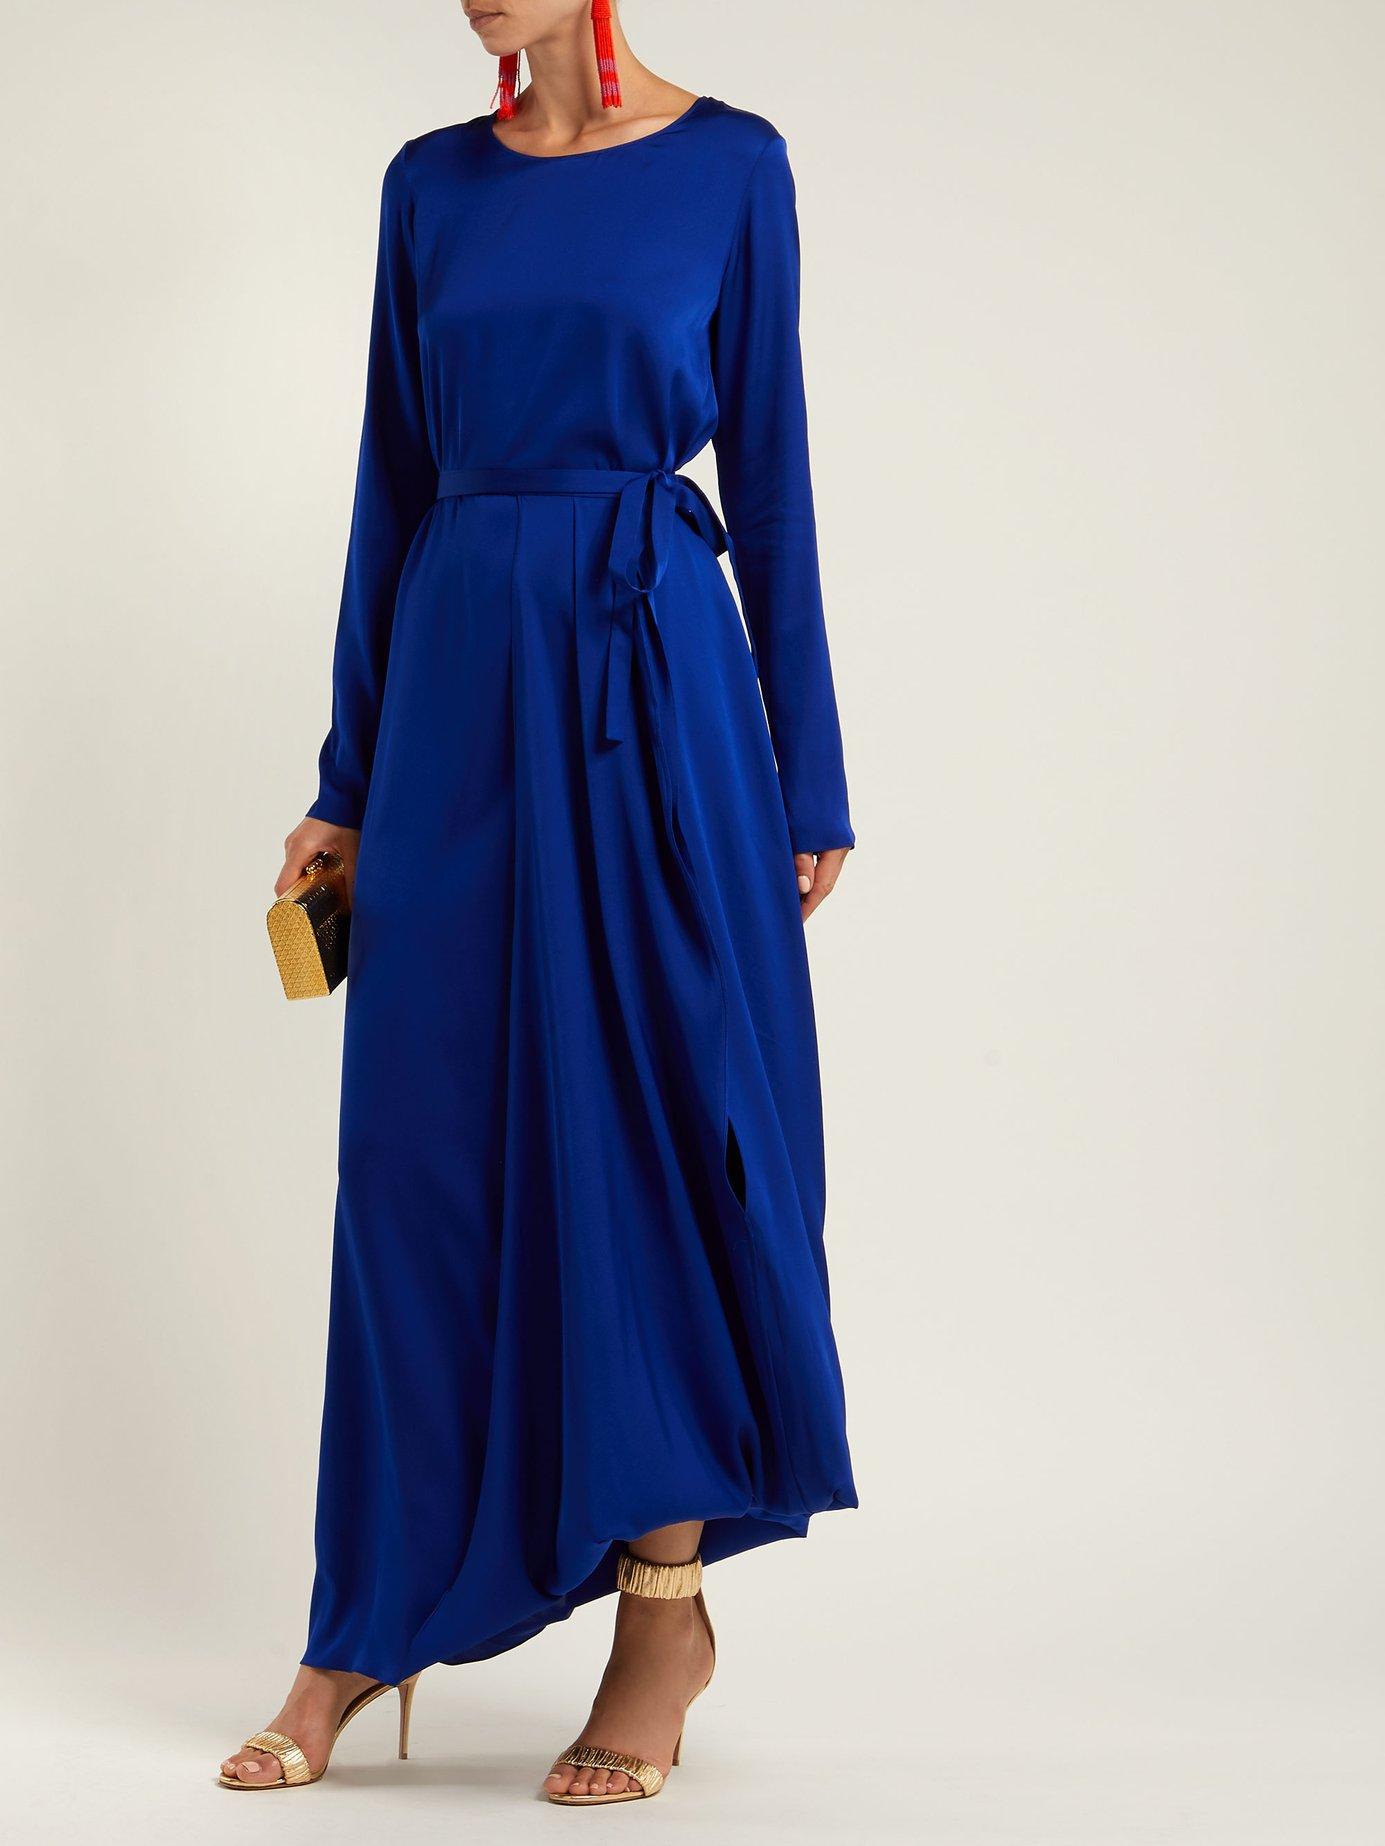 Topaz silk-blend dress by Carl Kapp